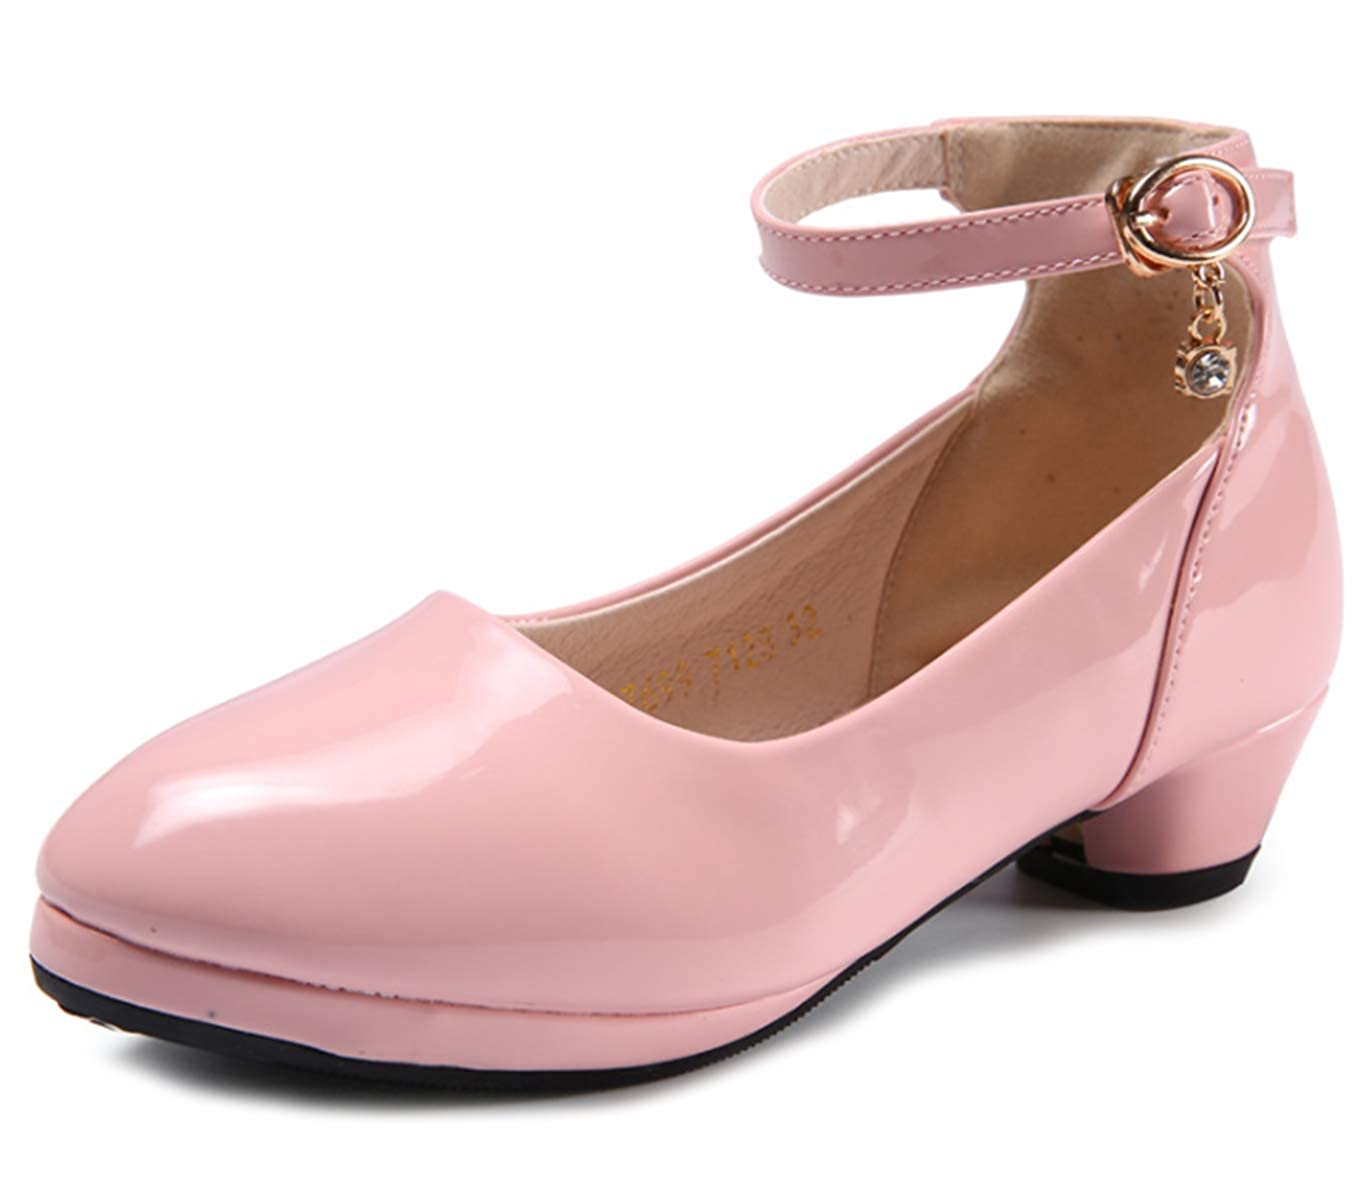 Scothen Prinzessin Gelee Partei Absatz-Schuhe Sandalette St/öckelschuhe Ballerina Schuhe Festliche M/ädchenschuhe Taufschuhe Kommunion Hochzeit Feier f/ür Kinder